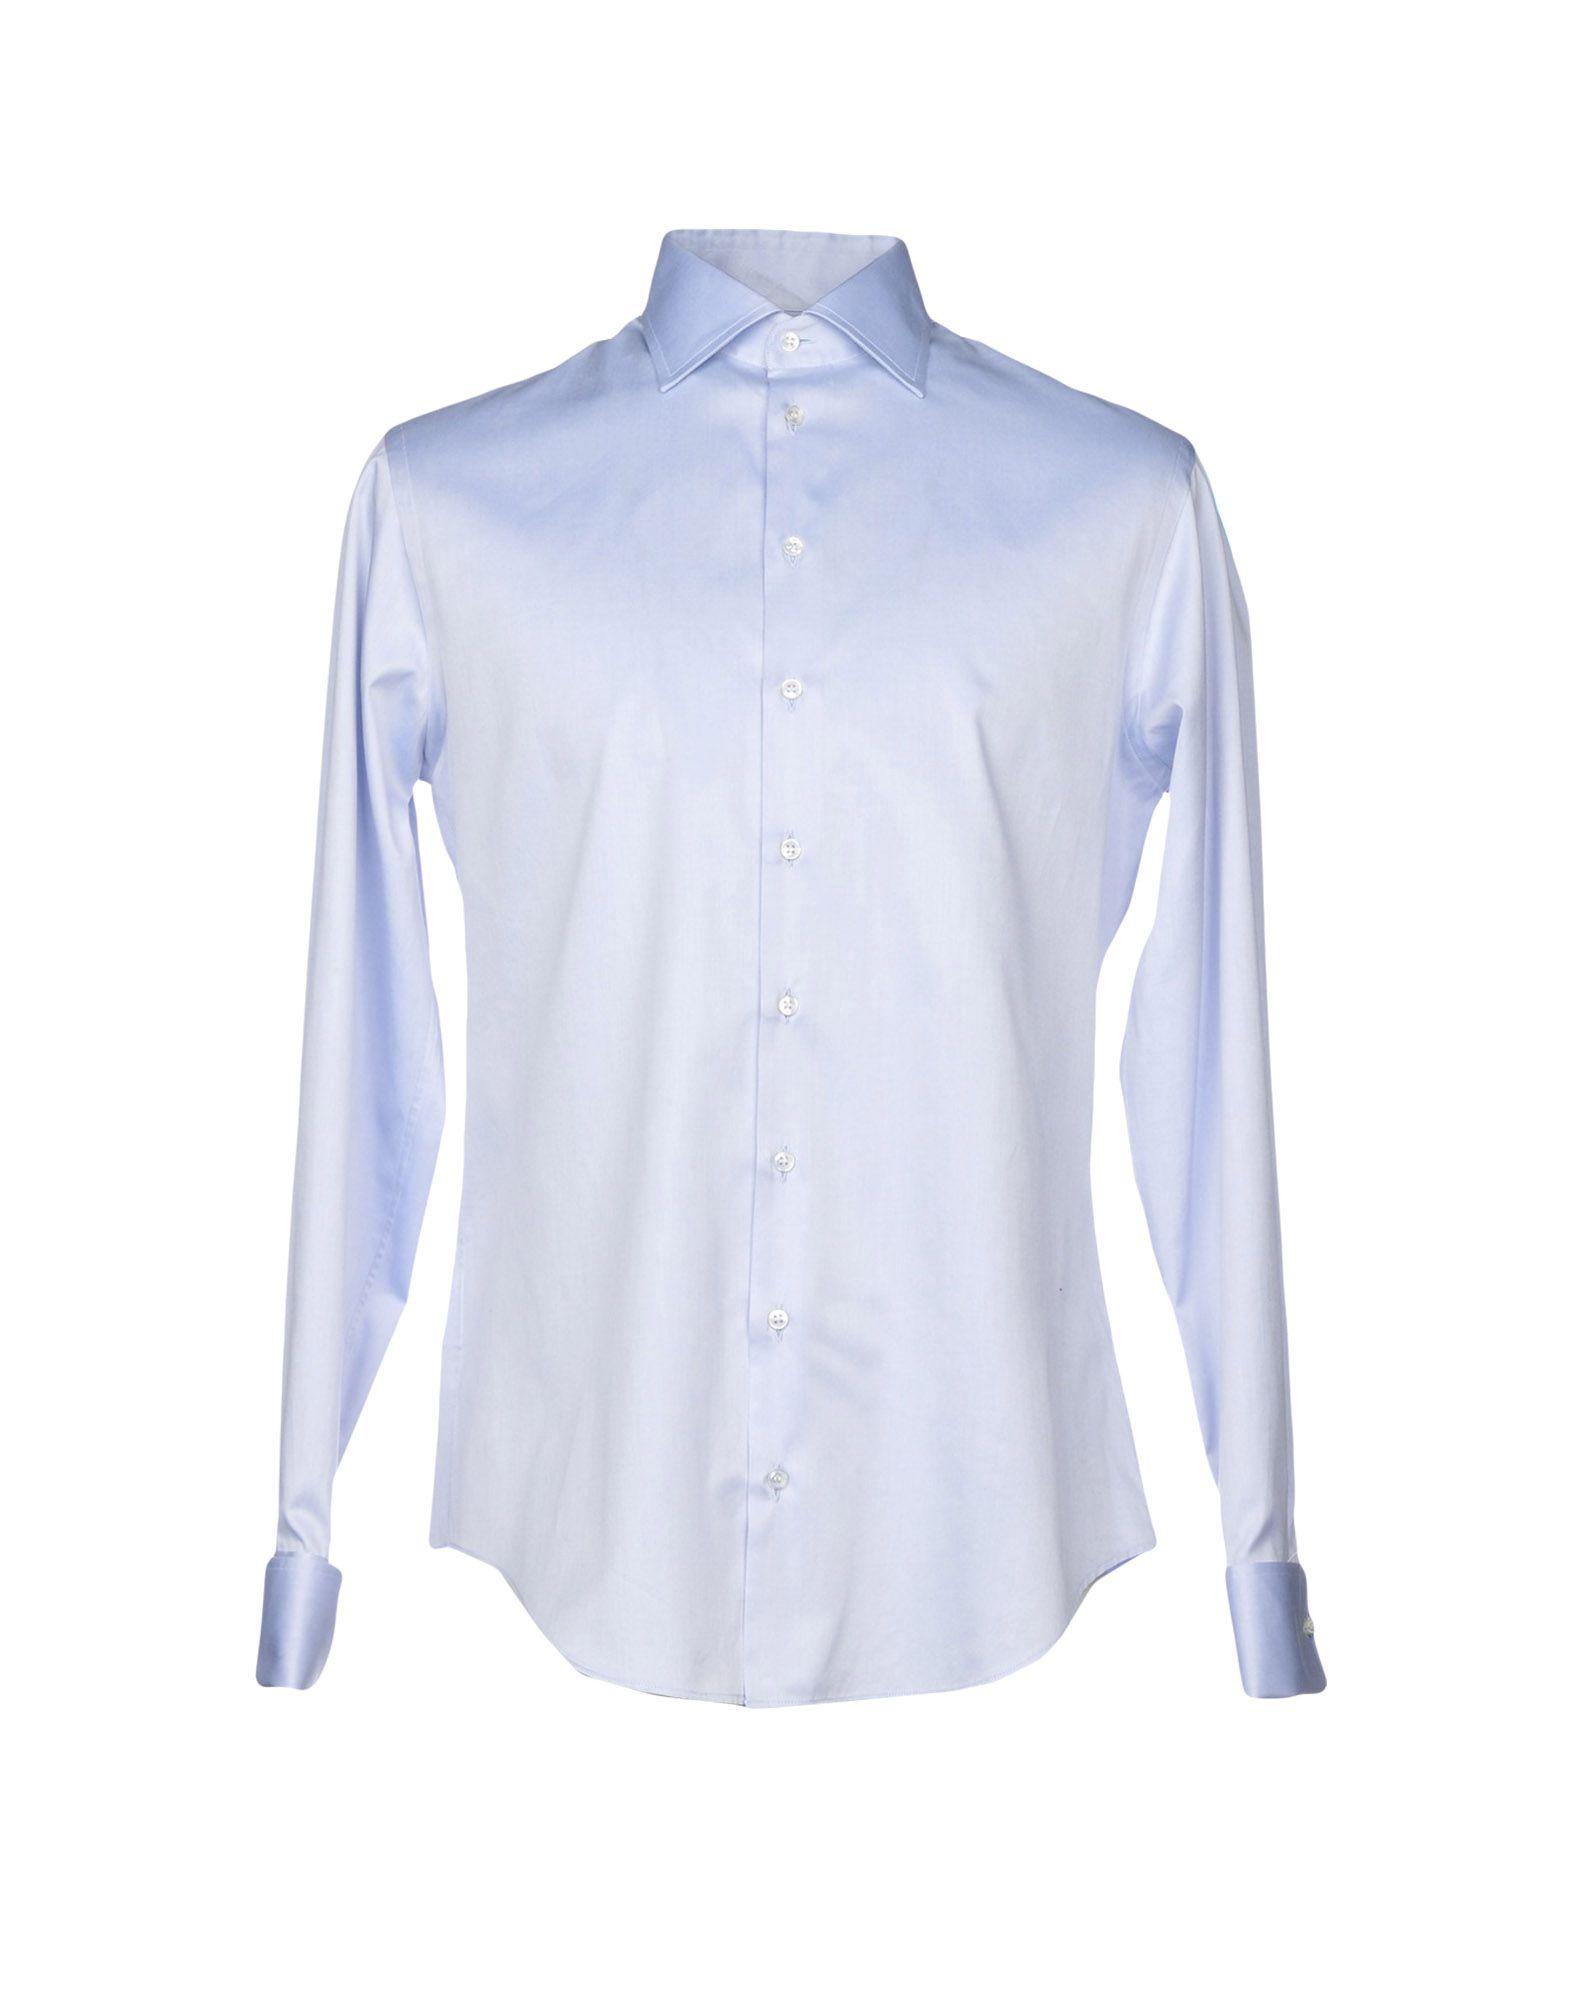 Camicia Tinta Unita Unita Unita Giorgio Armani Uomo - 38746164DF 62e91f